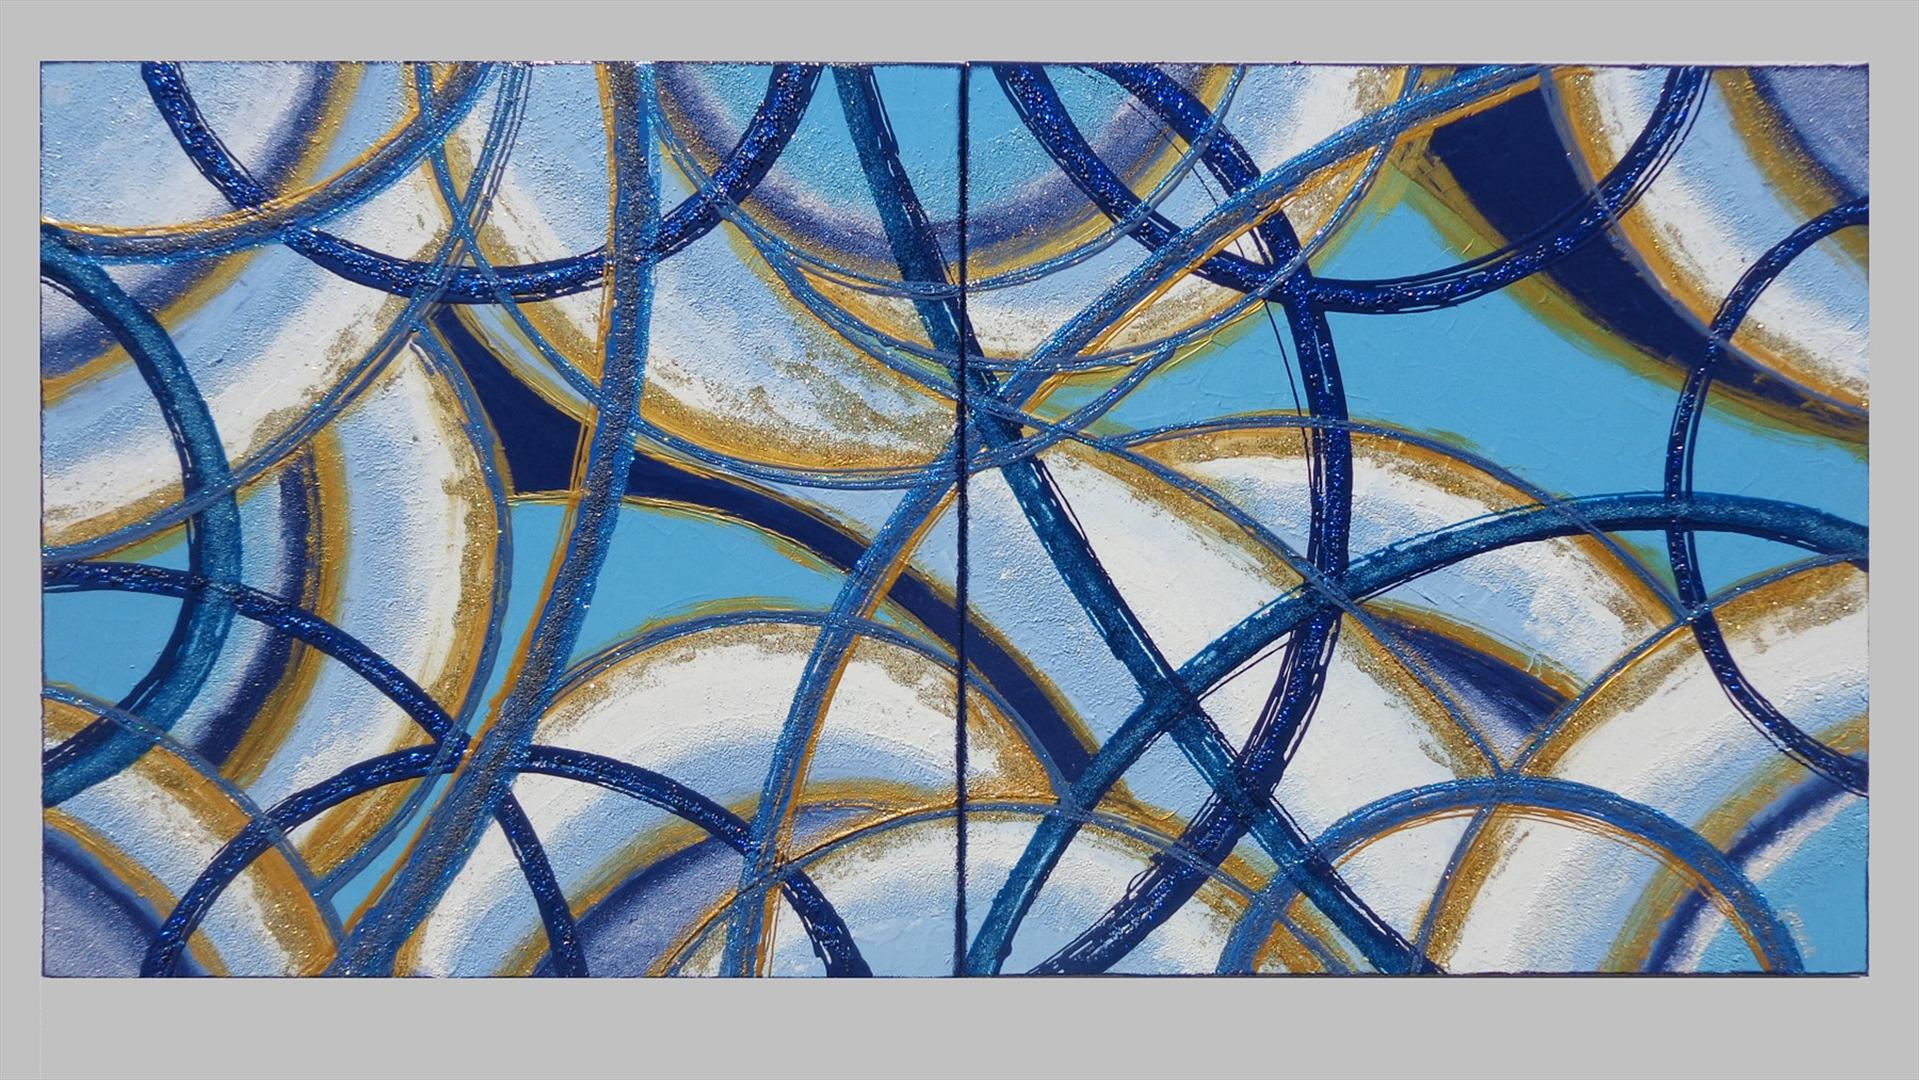 Volute astratte in blu vendita quadri online quadri moderni quadri astratti quadri - Dipinti camera da letto ...